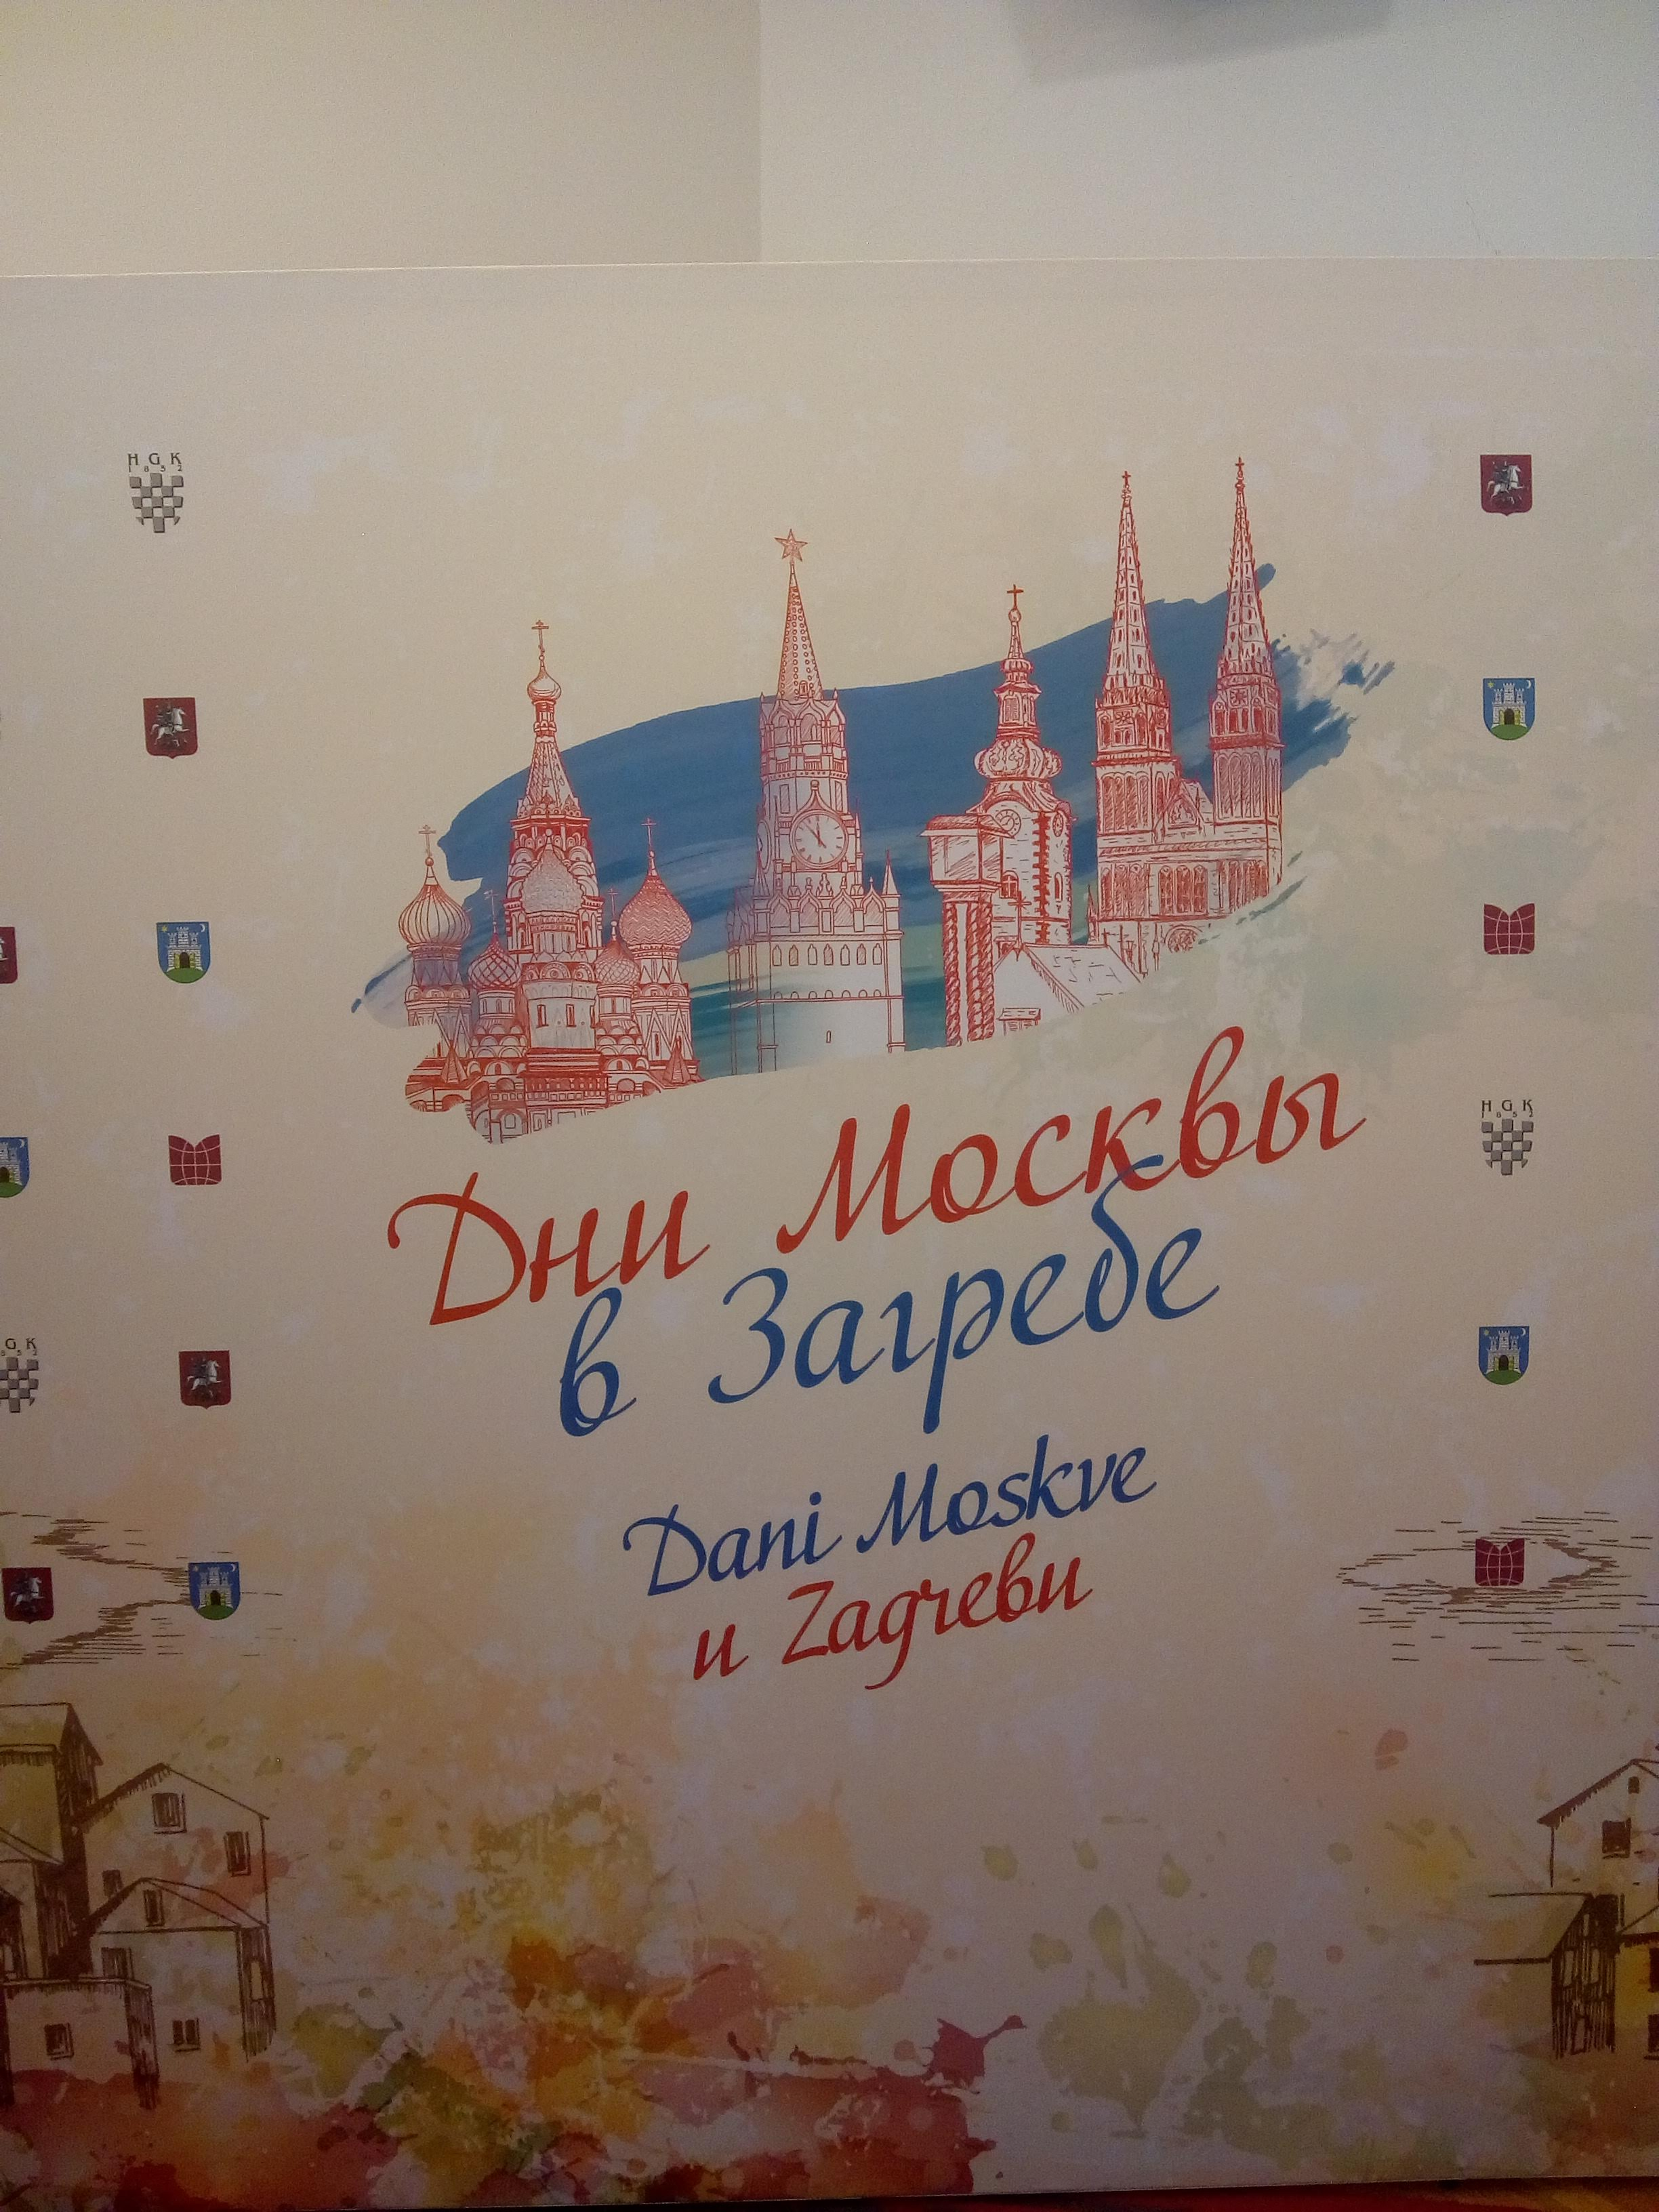 Besplatno druženje u Moskvi